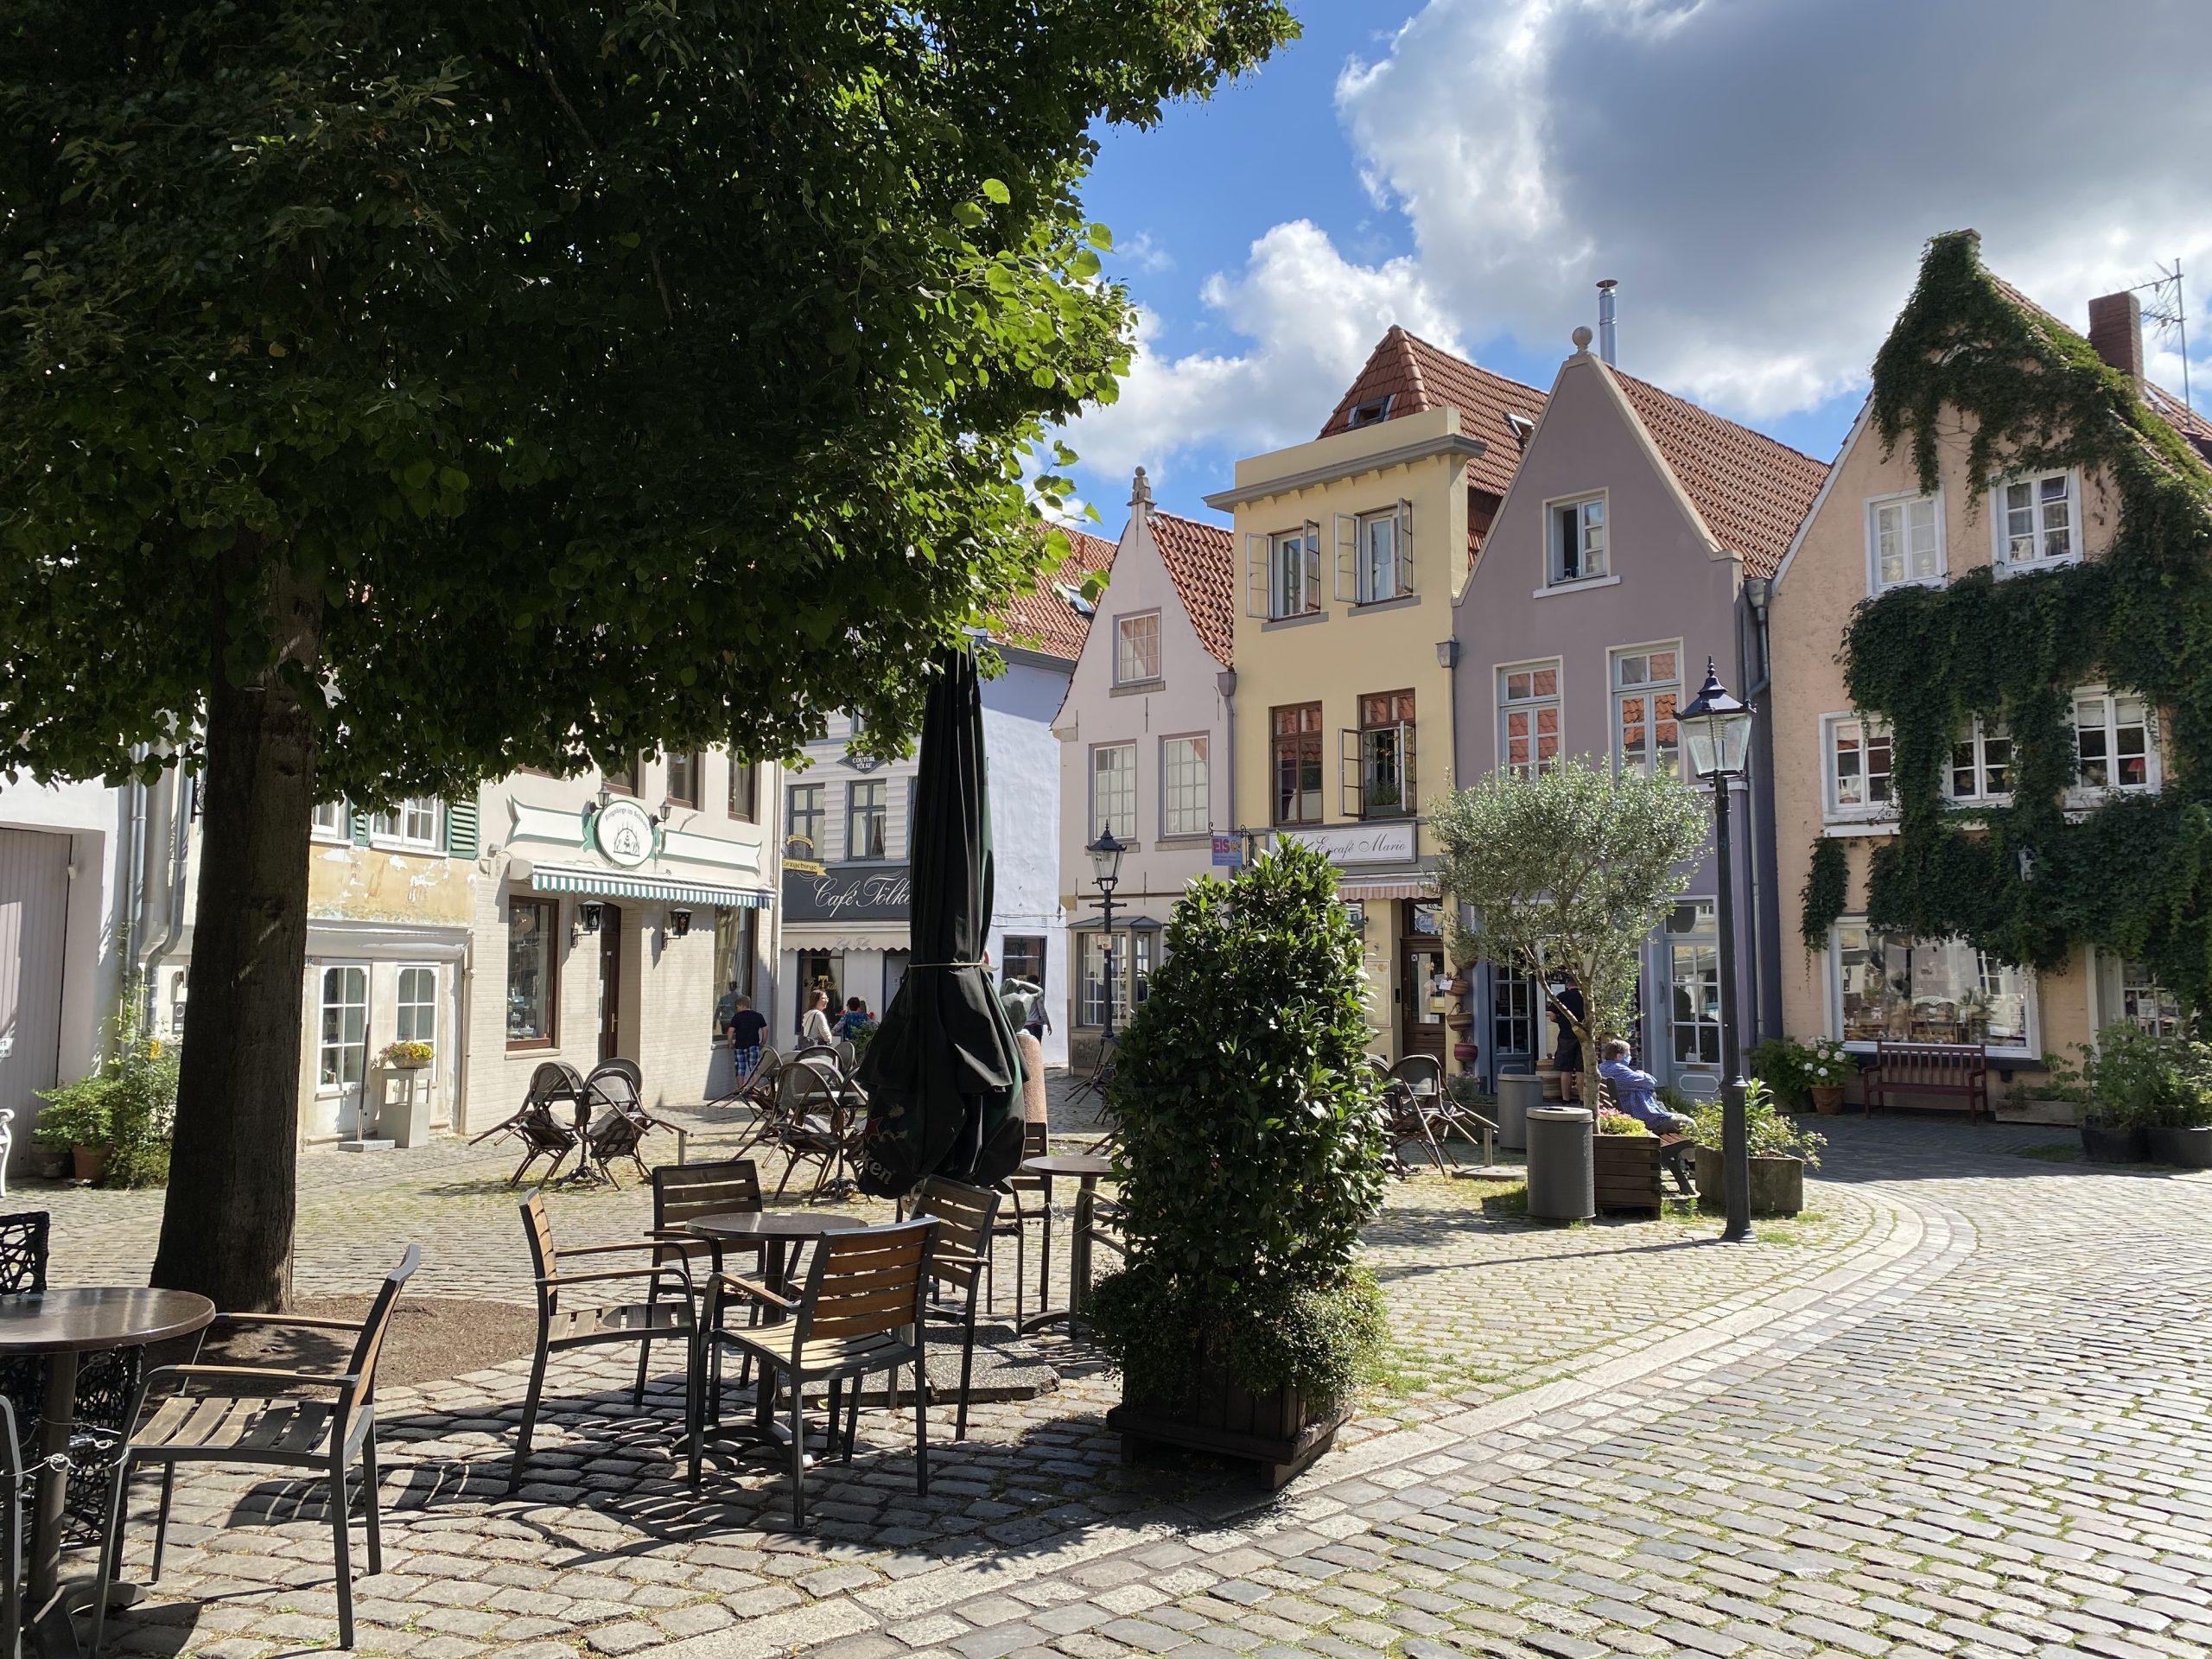 De leukste bezienswaardigheden voor een dagje Bremen